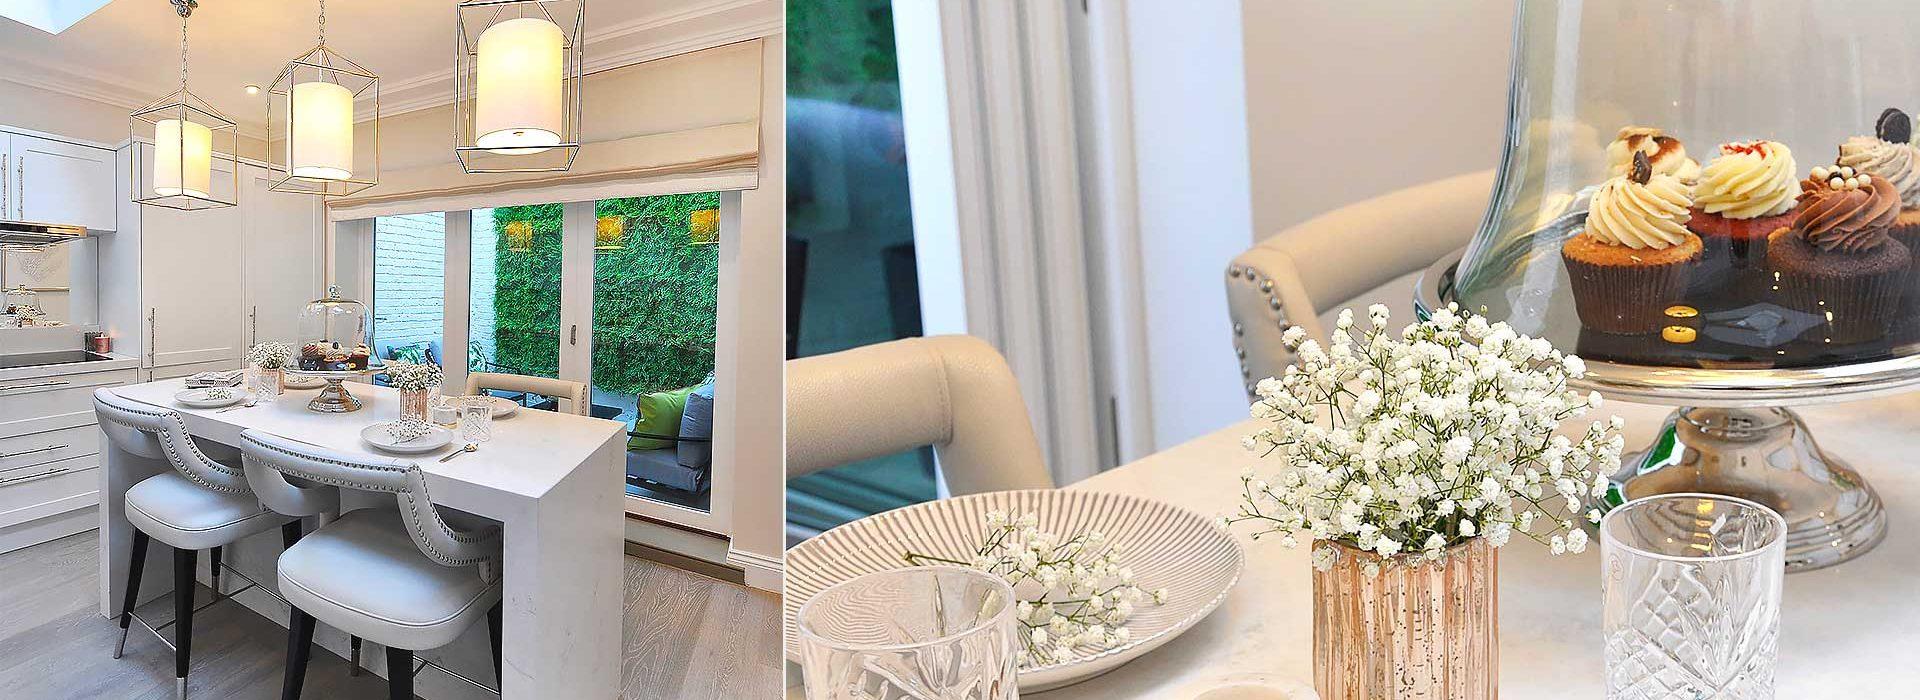 BELGRAVIA-TOWNHOUSE-06-Dome-interior-design-Geneve-Suisse